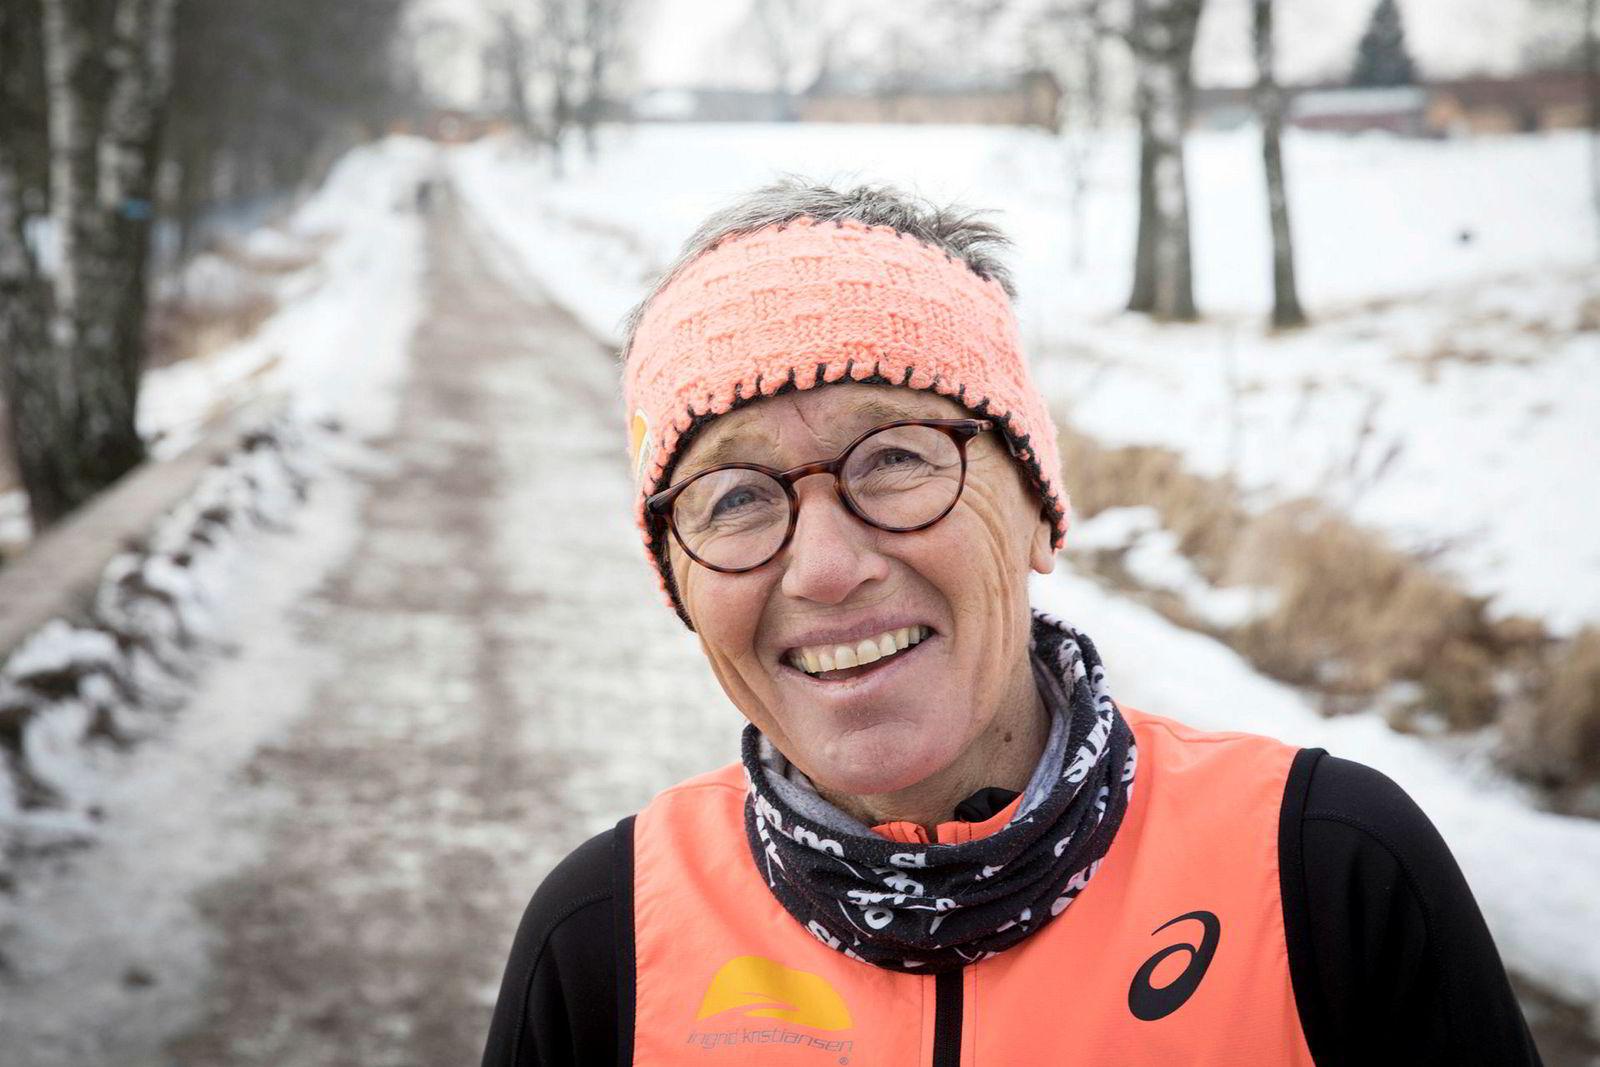 Ingrid Kristiansen gir tips til løpetreningen i overgangen mellom vinter og vår.